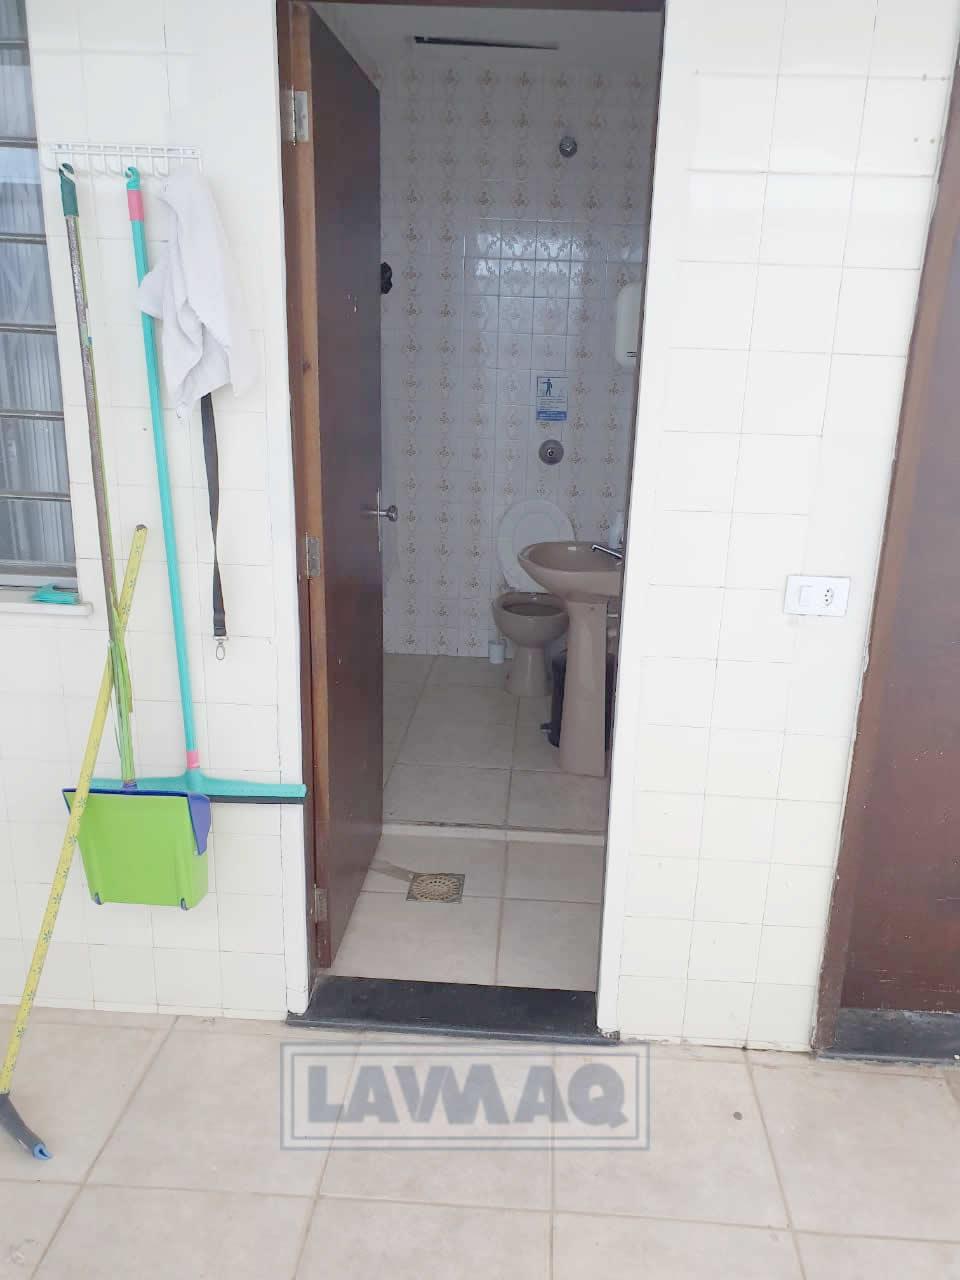 more no local de trabalho Lavanderia pet e toalheiro